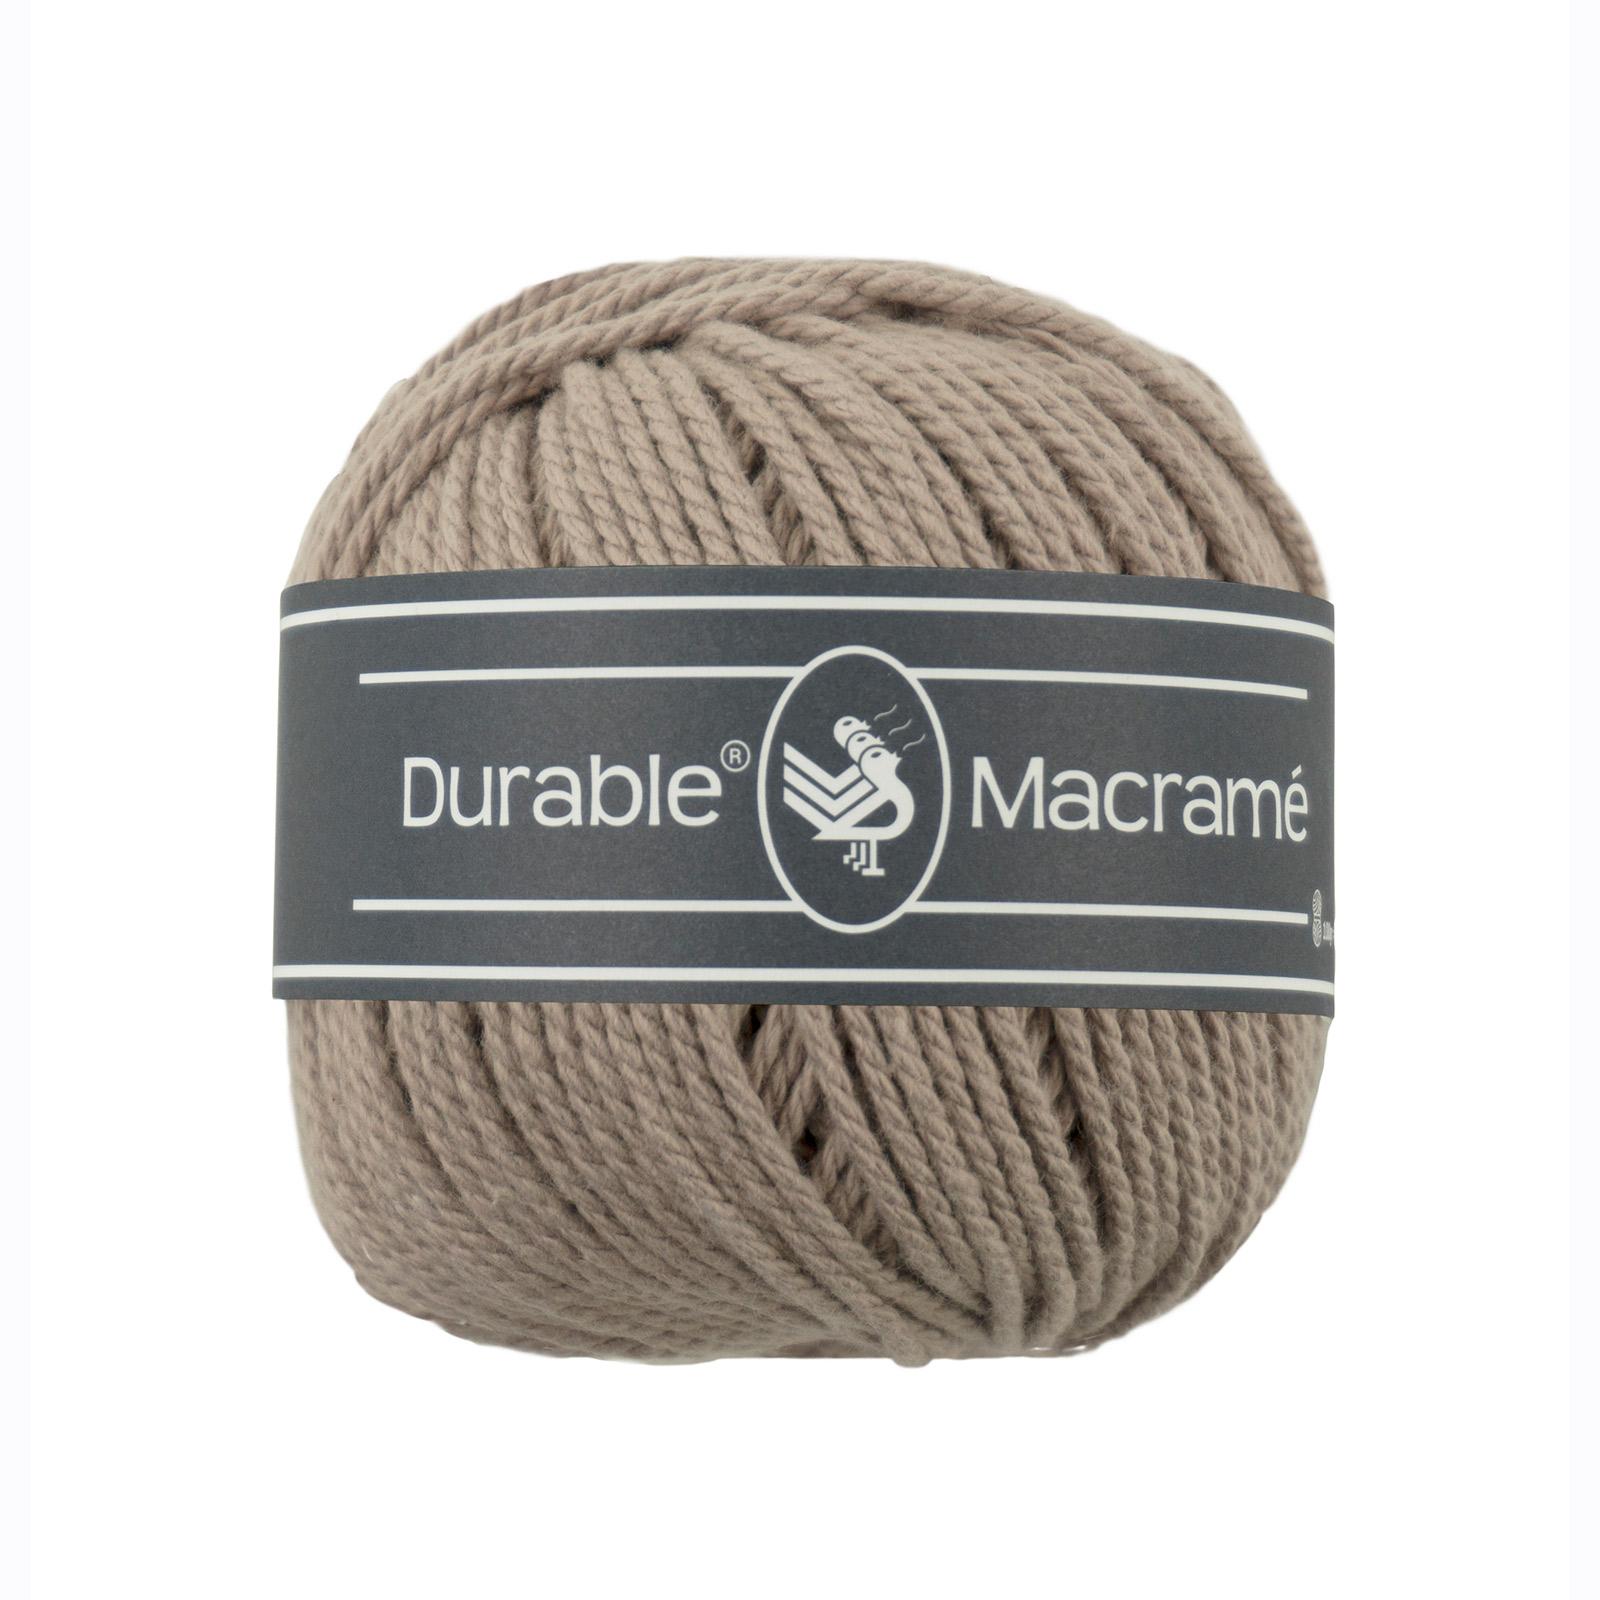 Macramé – 340 Taupe